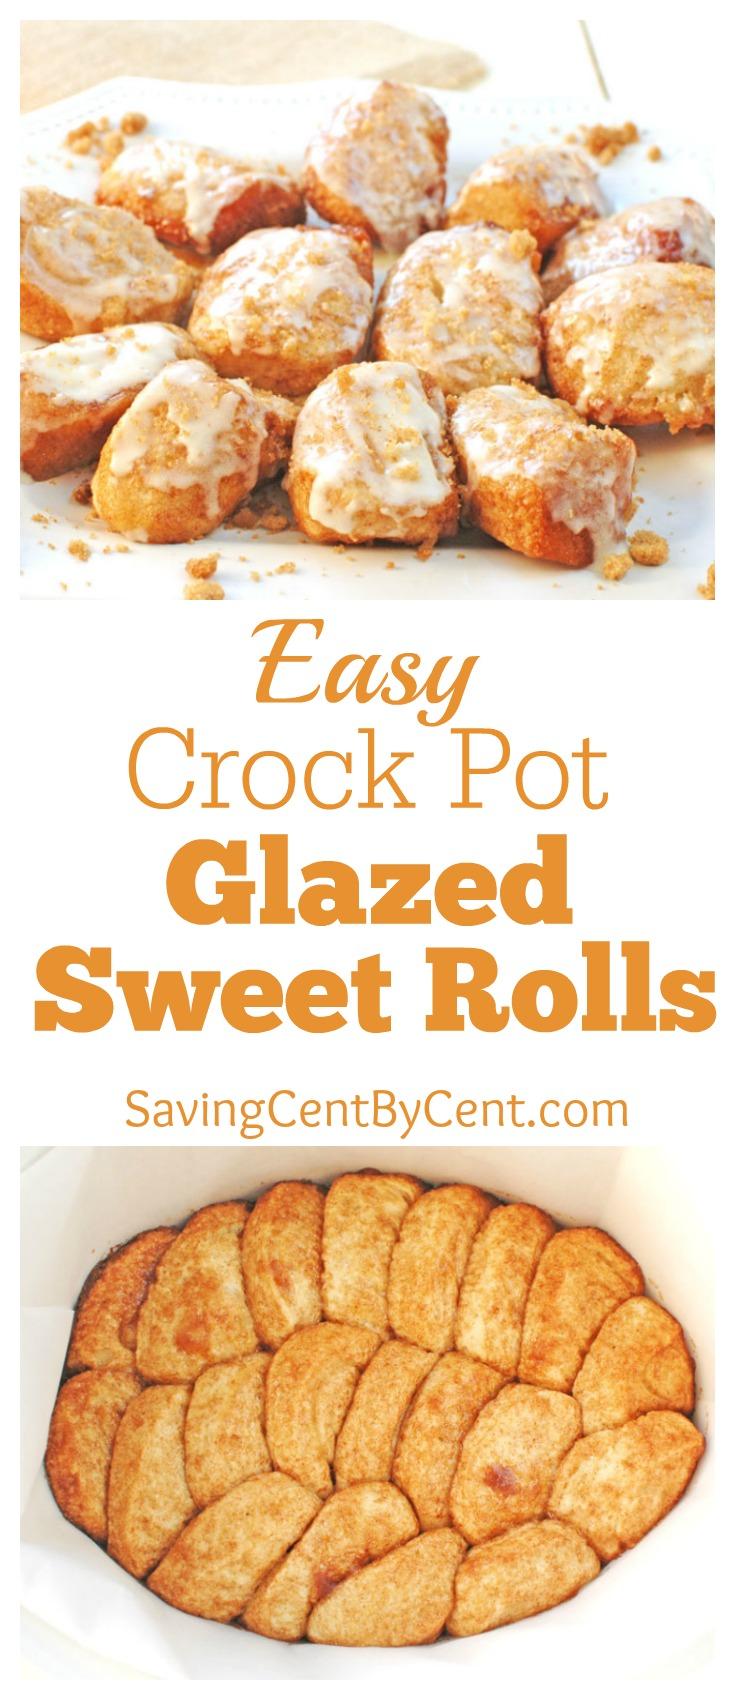 Easy Crock Pot Glazed Sweet Rolls